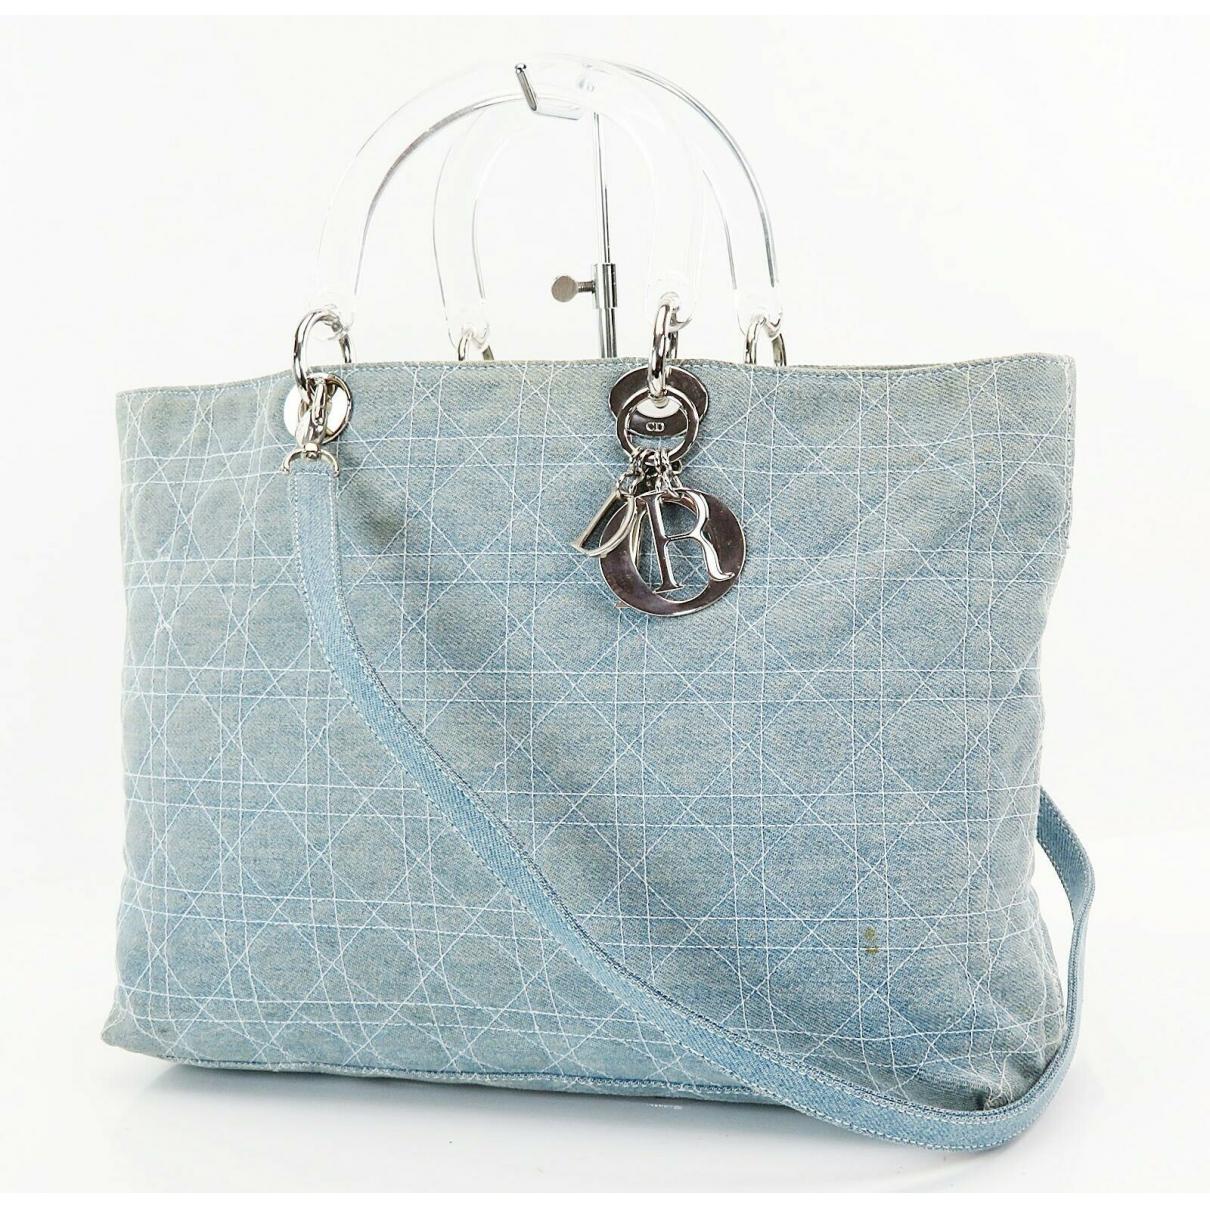 Christian Dior - Sac a main   pour femme en cuir - bleu